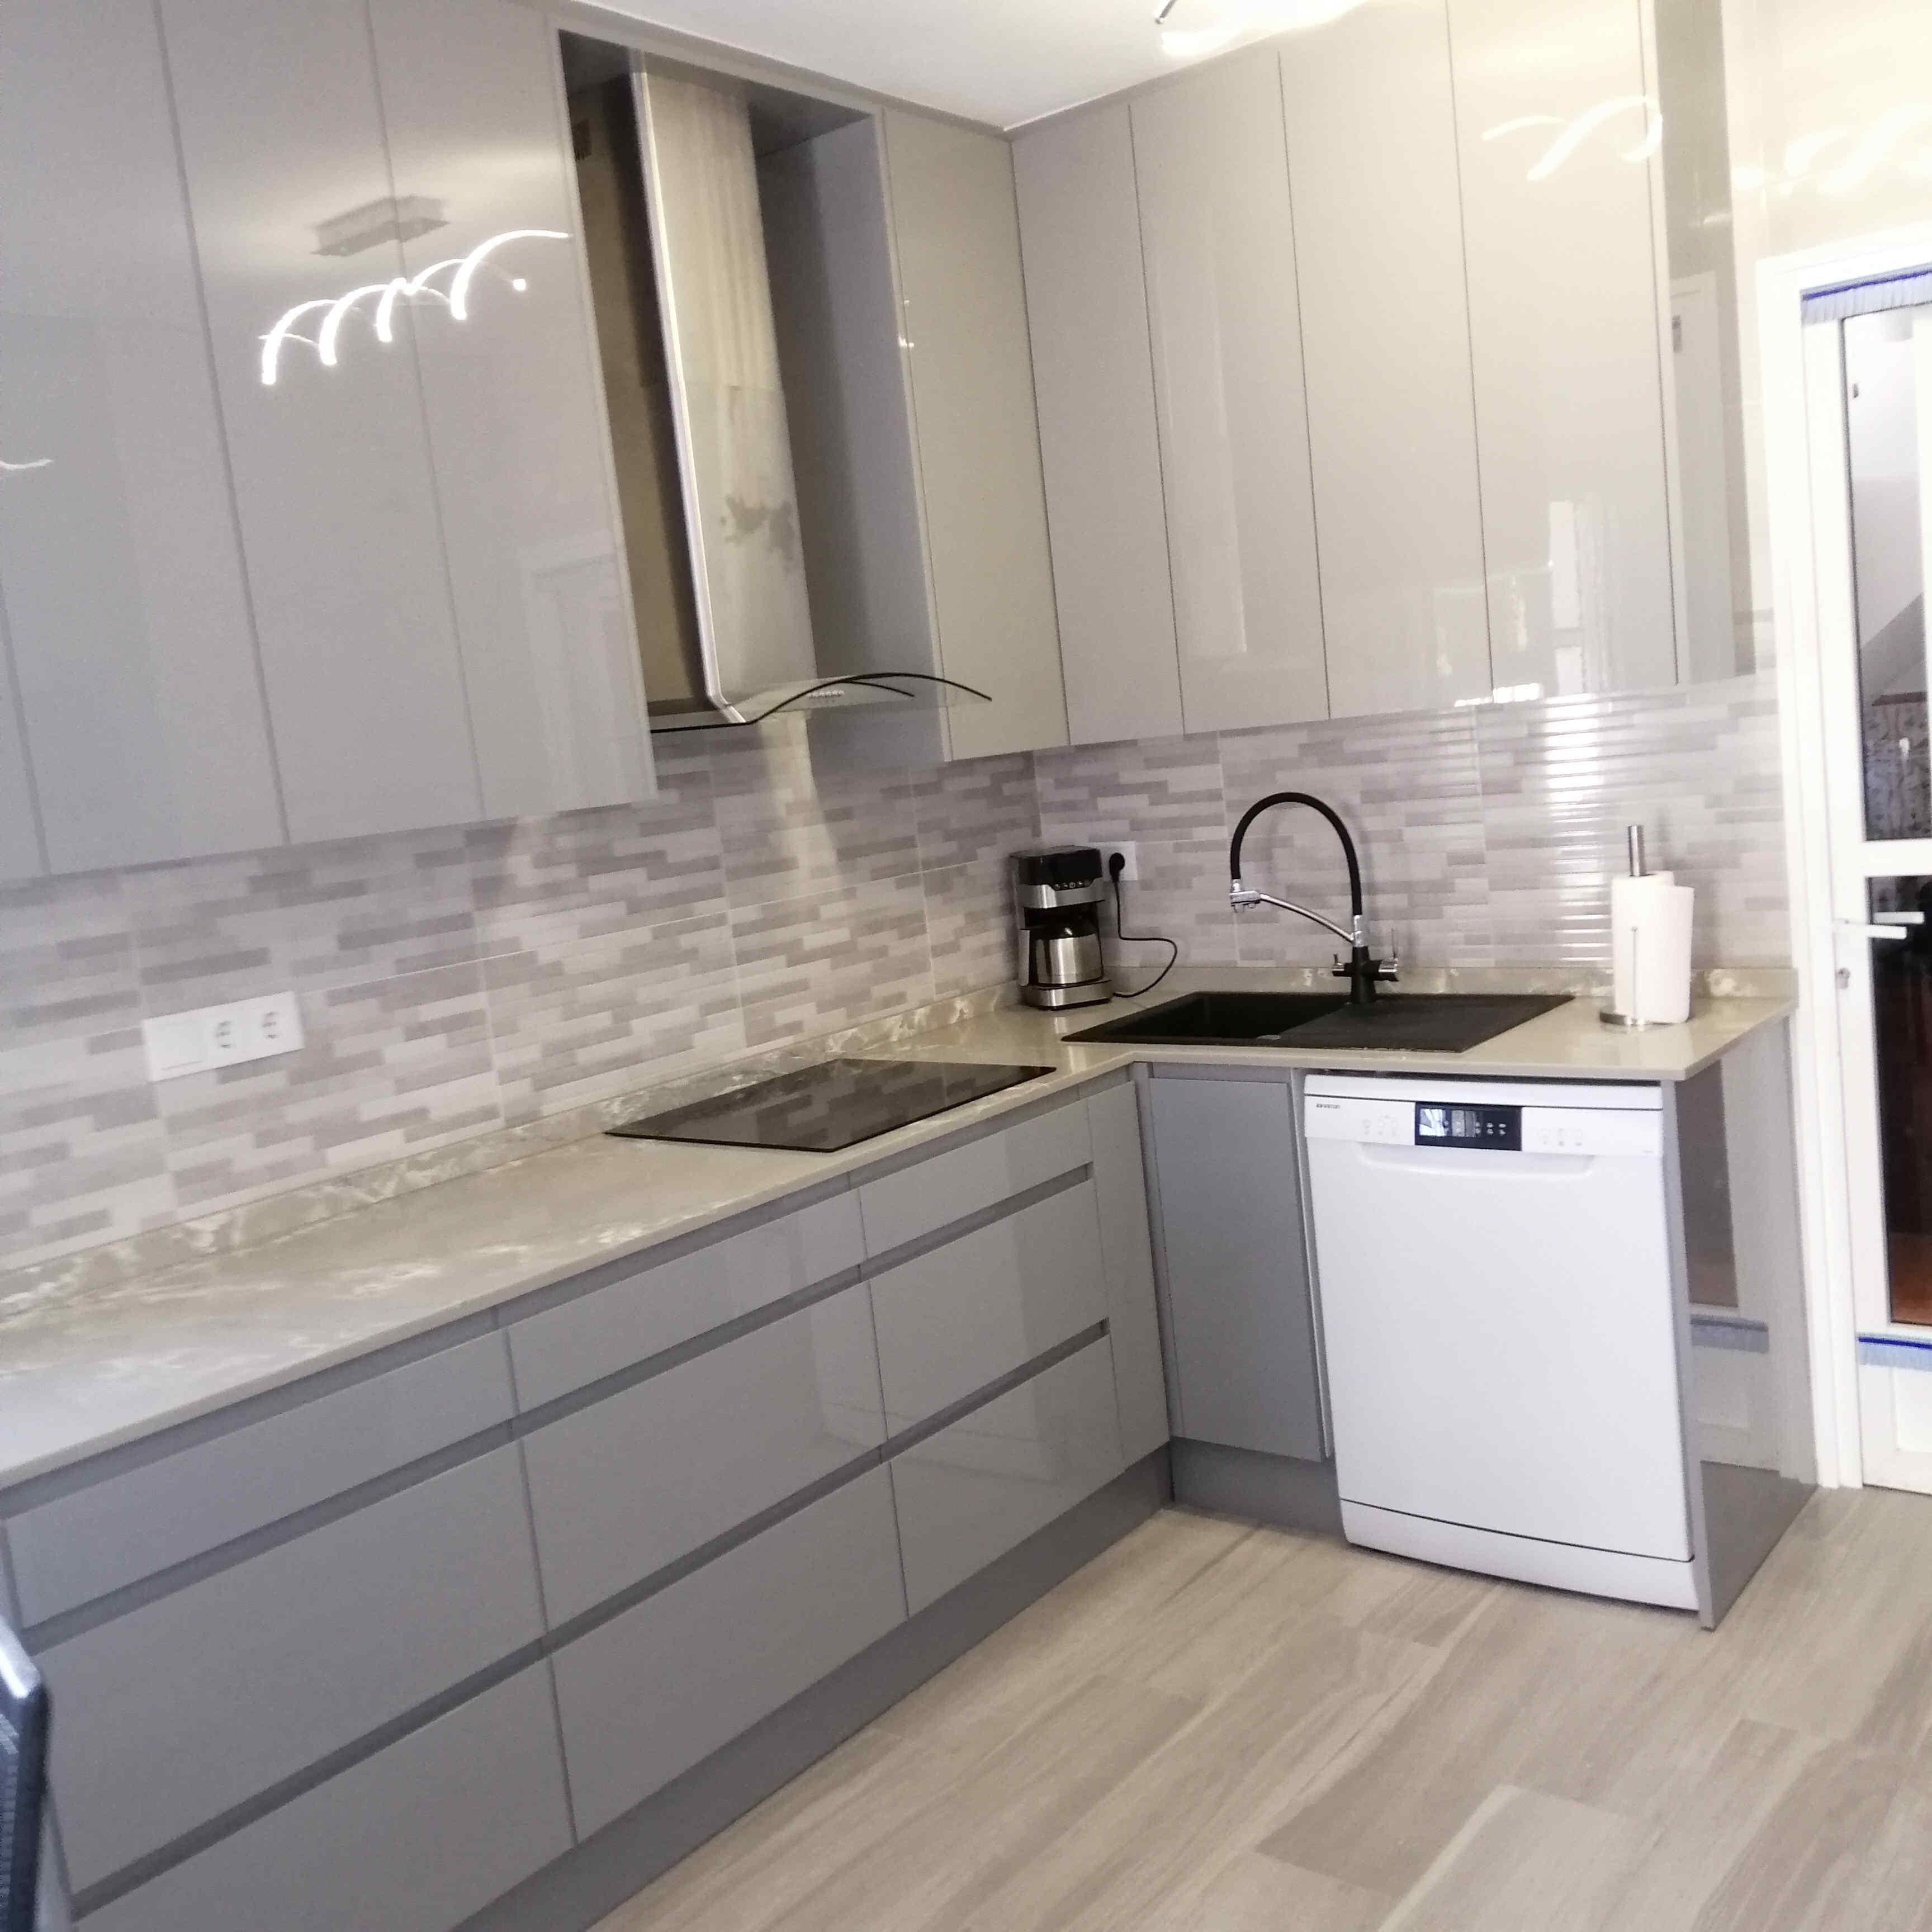 muebles-de-cocina-pilar-de-la-horadada-torrevieja